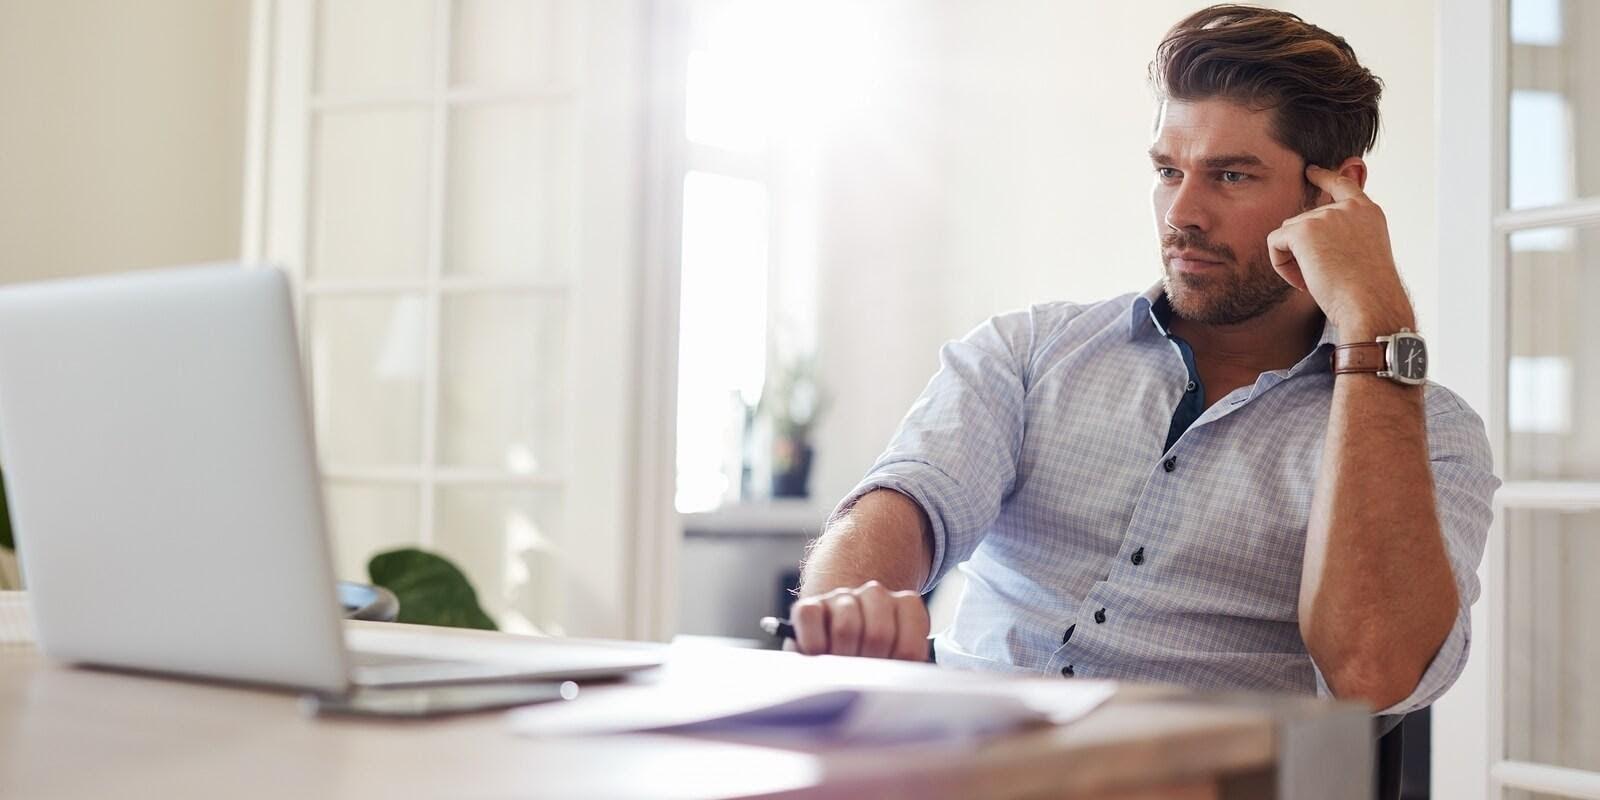 Nam giới làm việc văn phòng, ít vận động có nguy cơ mắc liệt dương cao